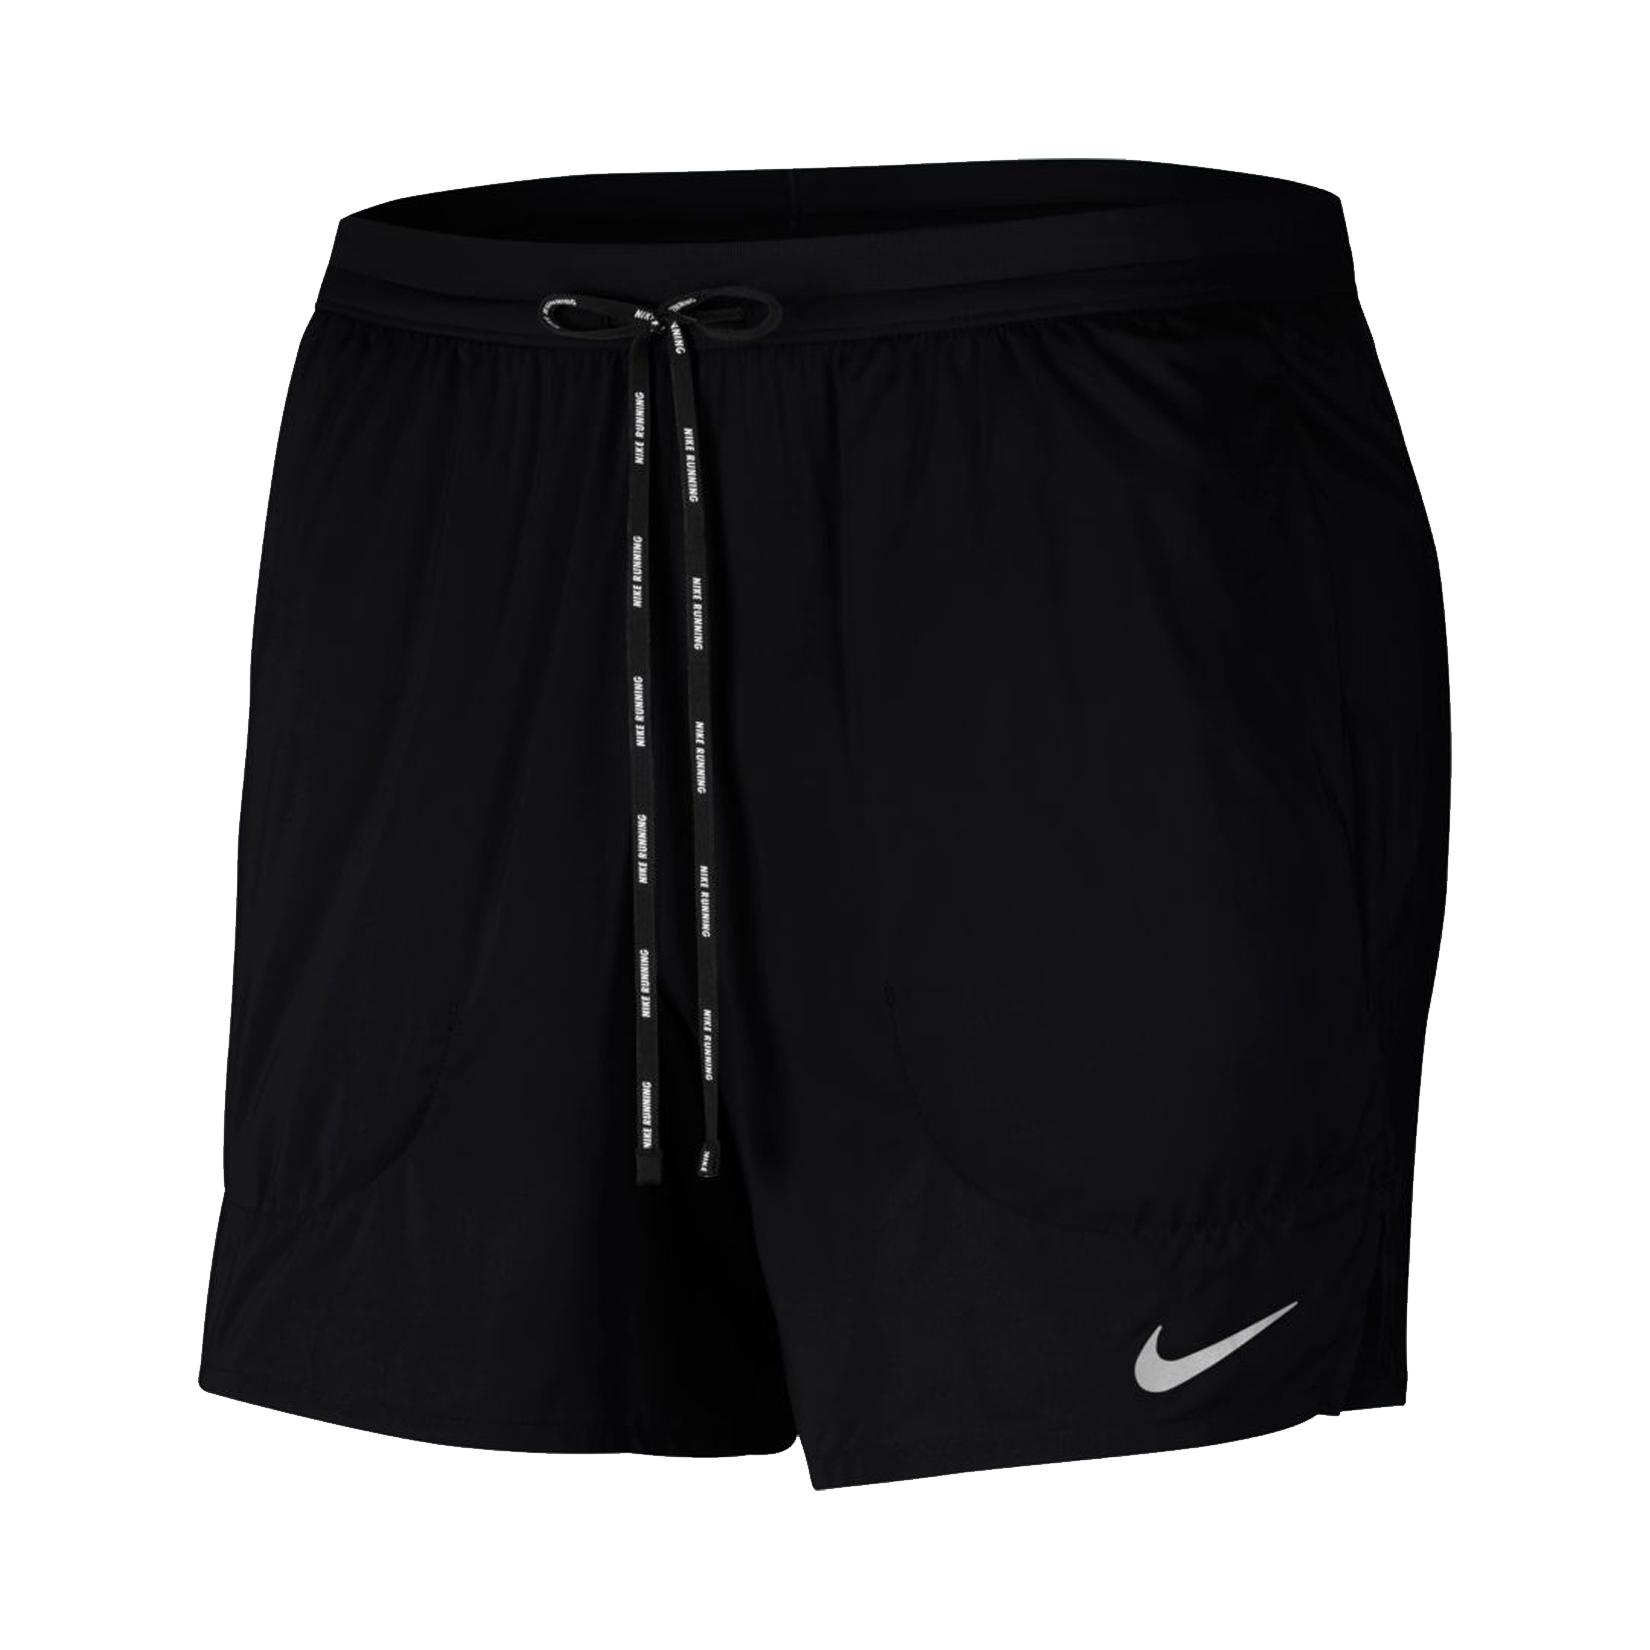 Nike Flex Stride Brief Running Shorts Black